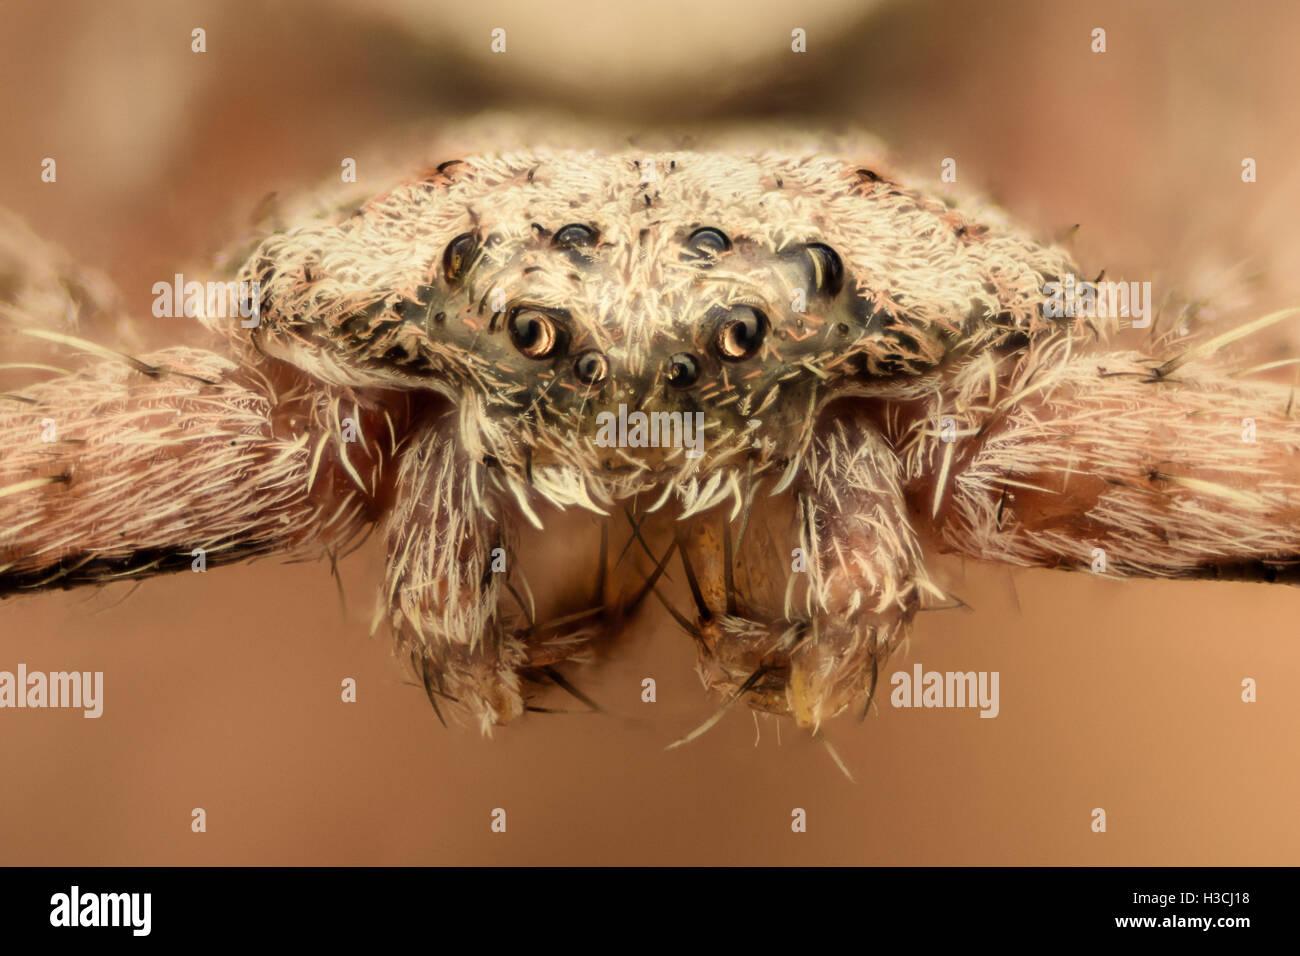 Extreme ingrandimento - Piana, ragno granchio, vista frontale Immagini Stock